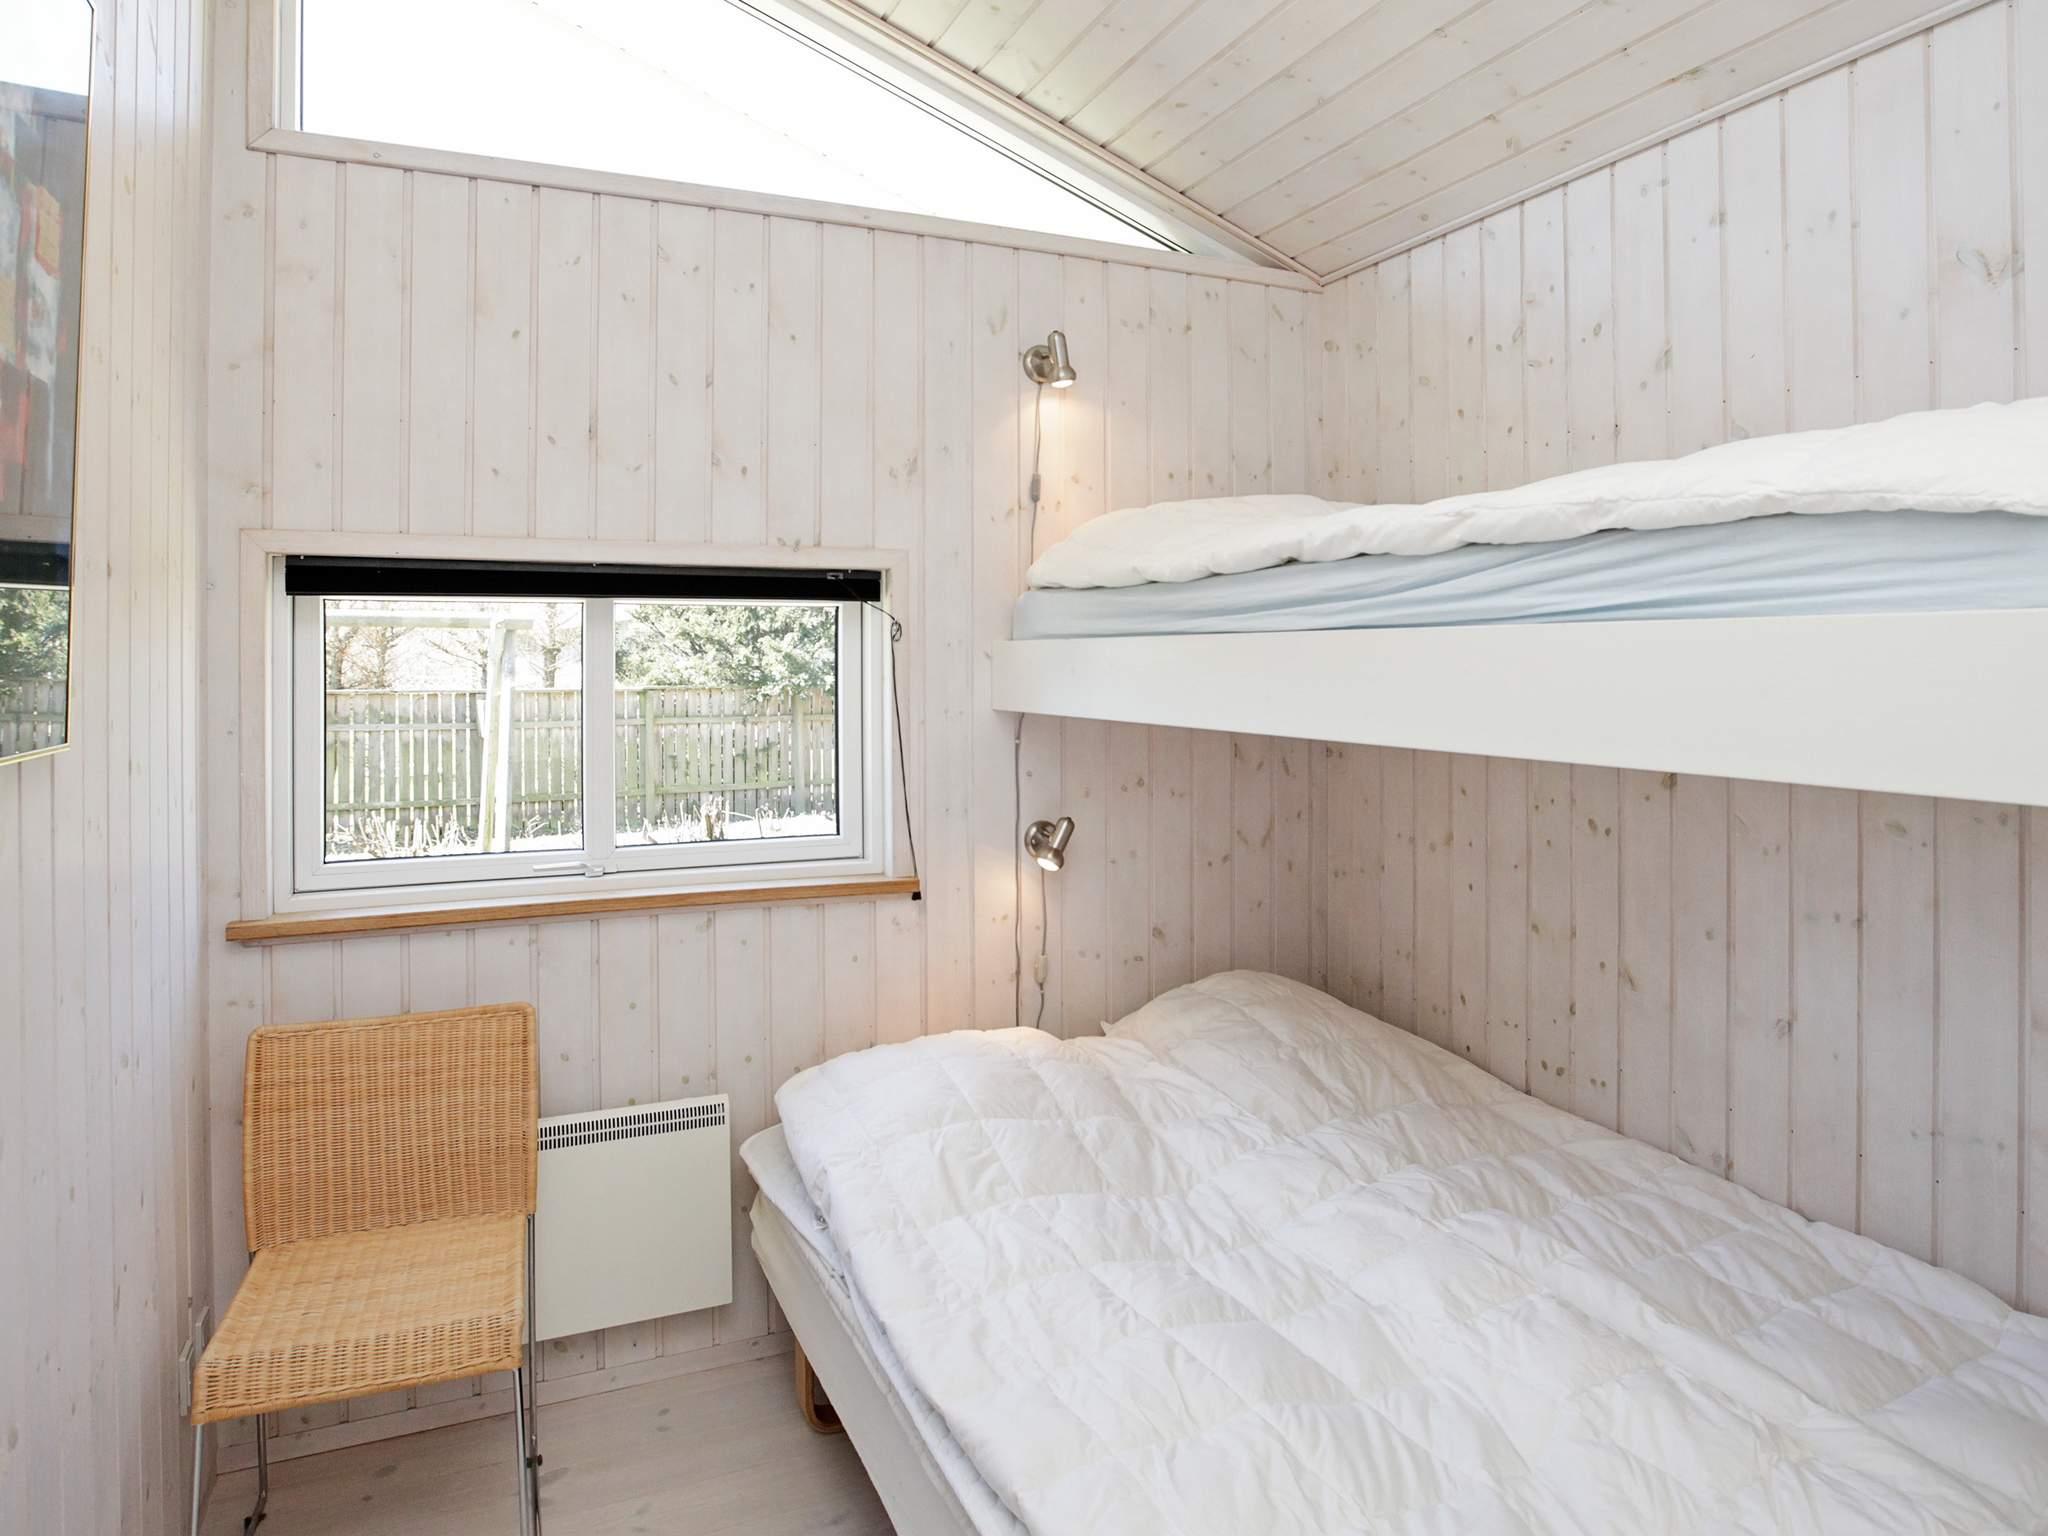 Ferienhaus Lønstrup (86628), Lønstrup, , Nordwestjütland, Dänemark, Bild 14